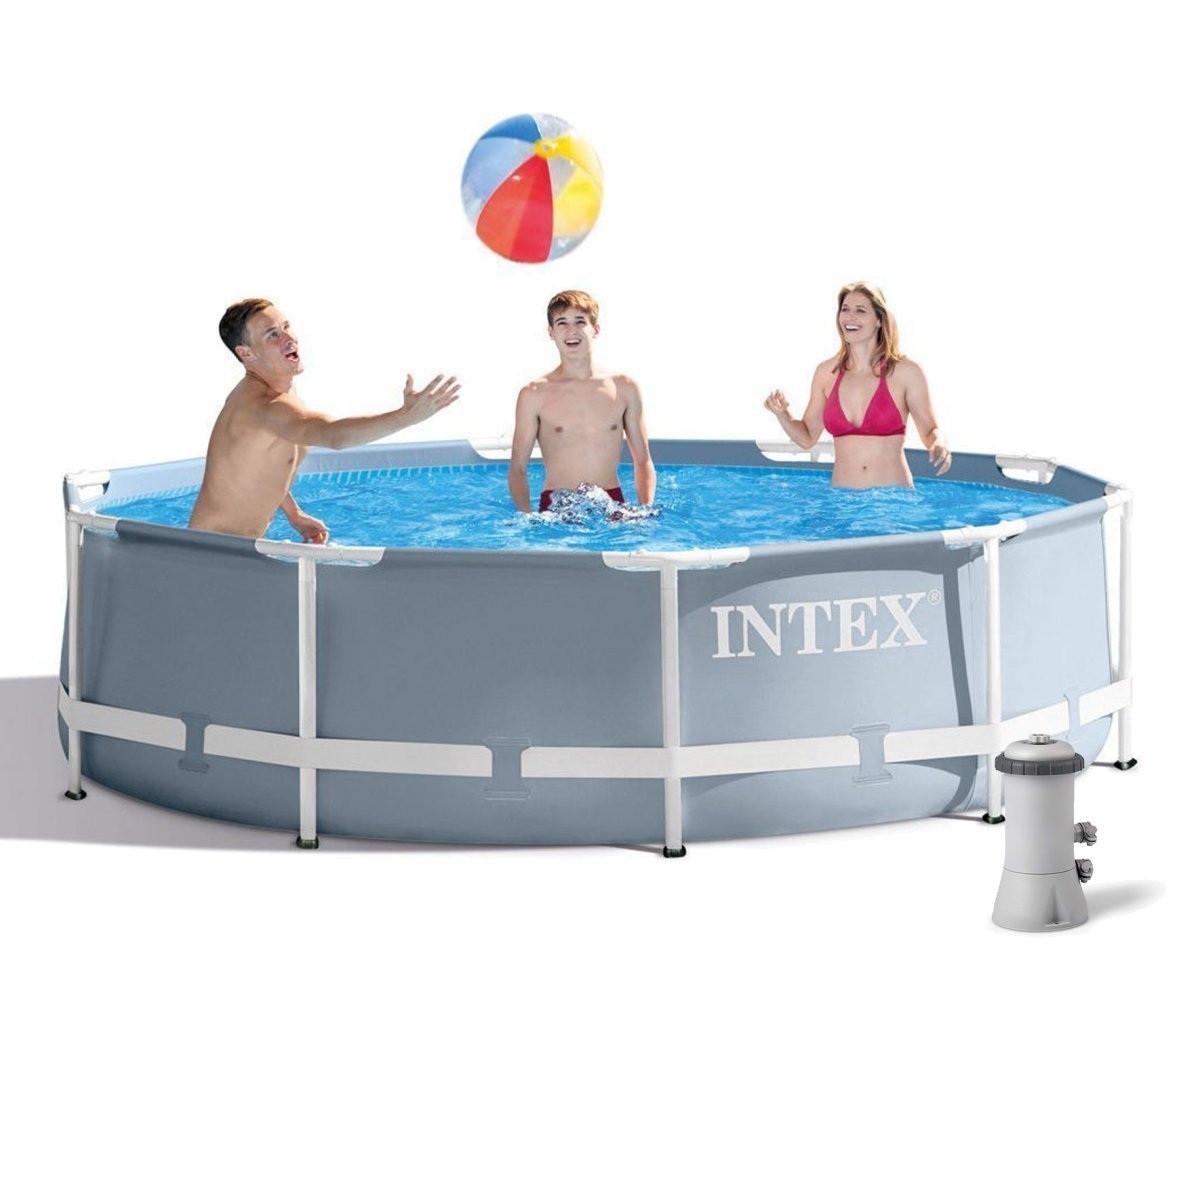 Каркасний басейн Intex 26702-4 з картриджних насосом, тентом і підстилкою